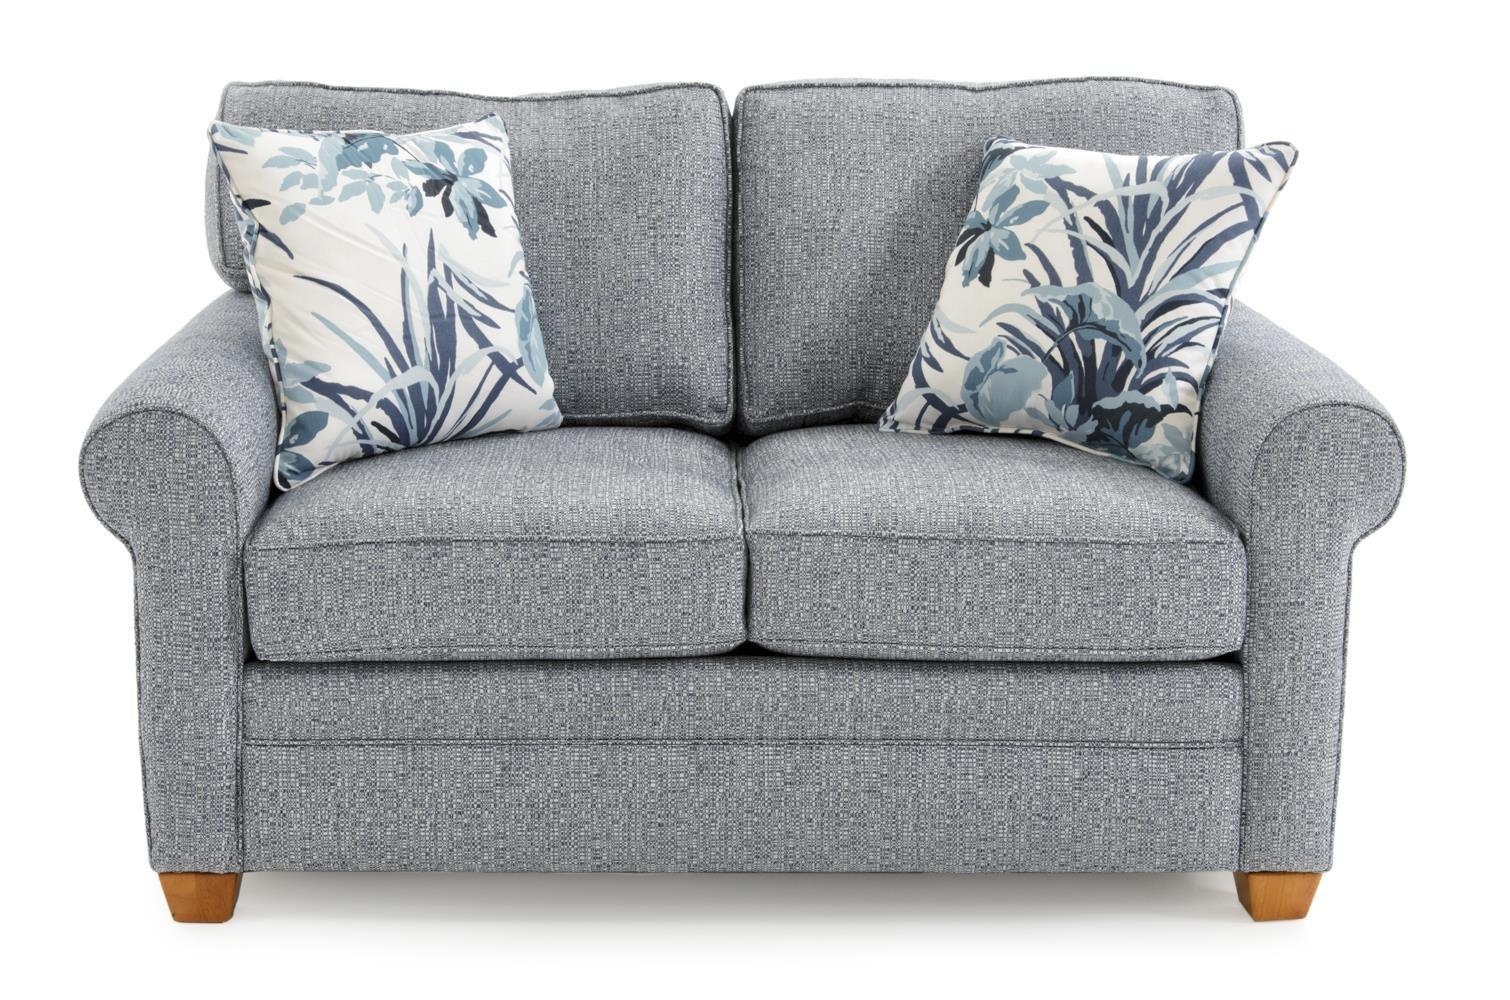 capris furniture 402 casual rolled arm loveseat baeru0027s furniture love seats